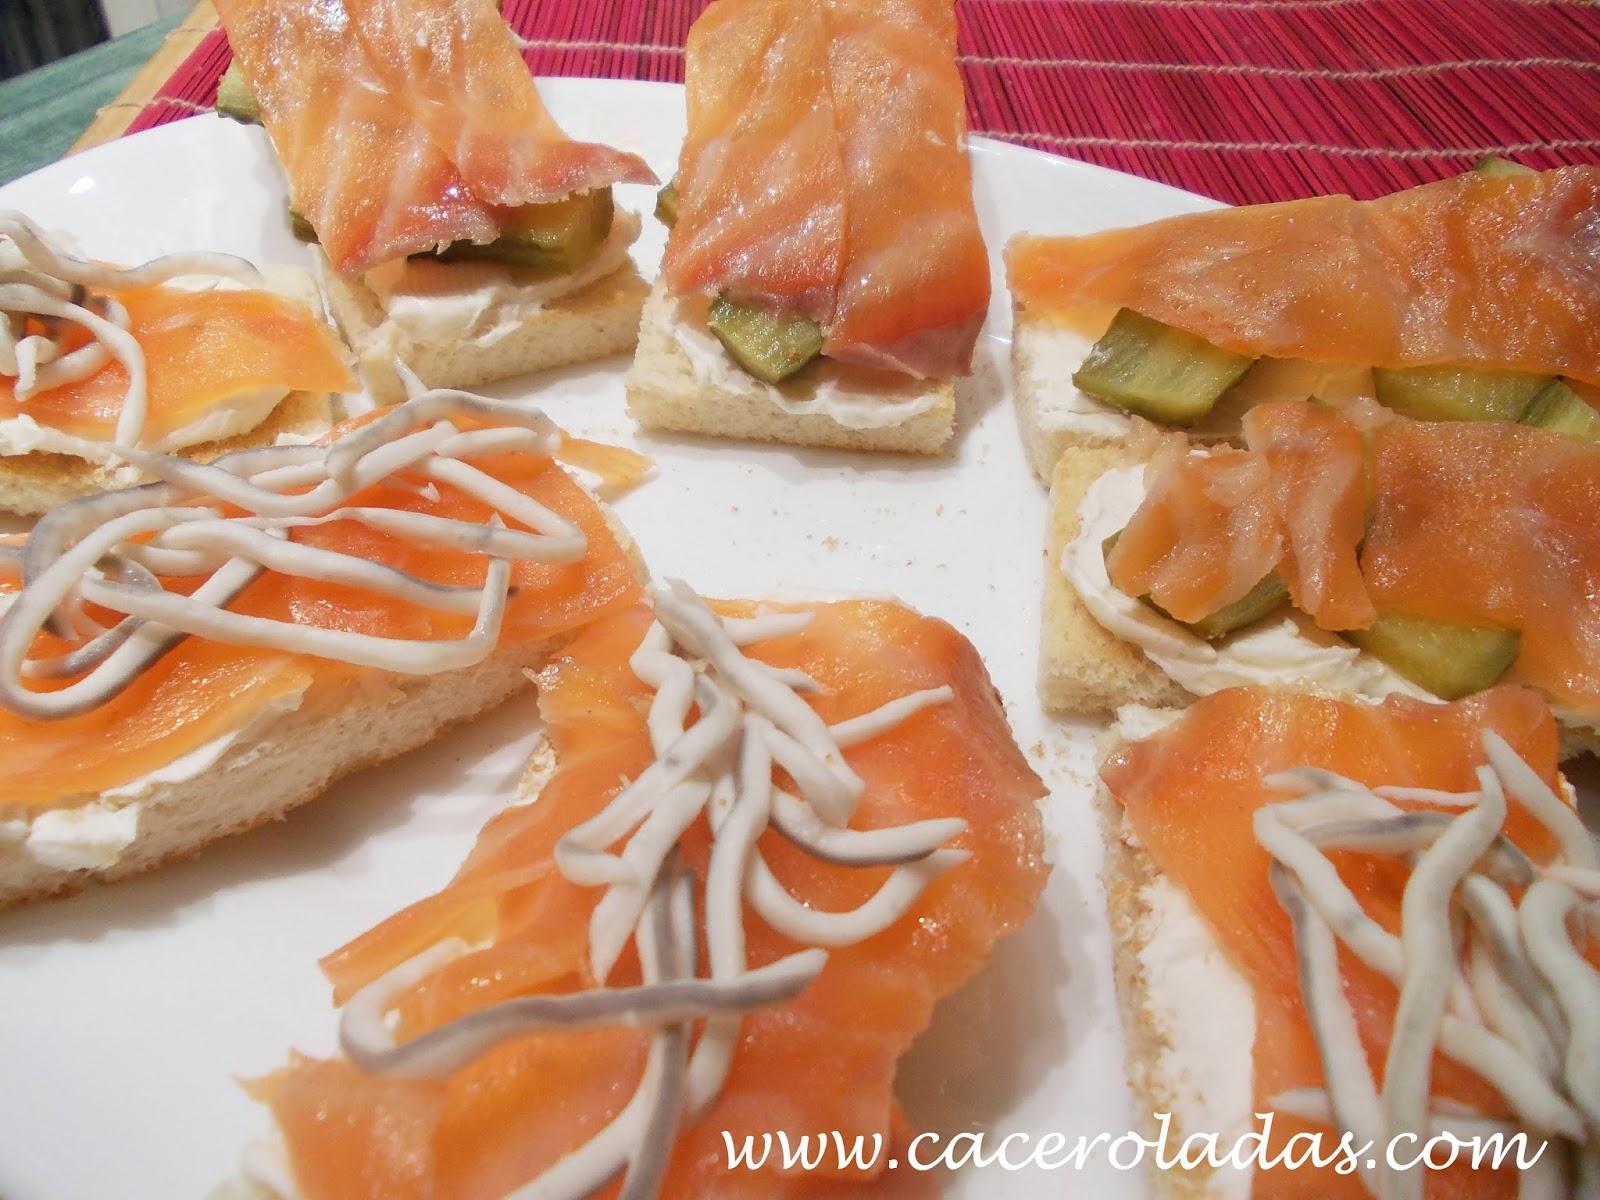 6 aperitivos y canap s sencillos caceroladas for Canapes y aperitivos